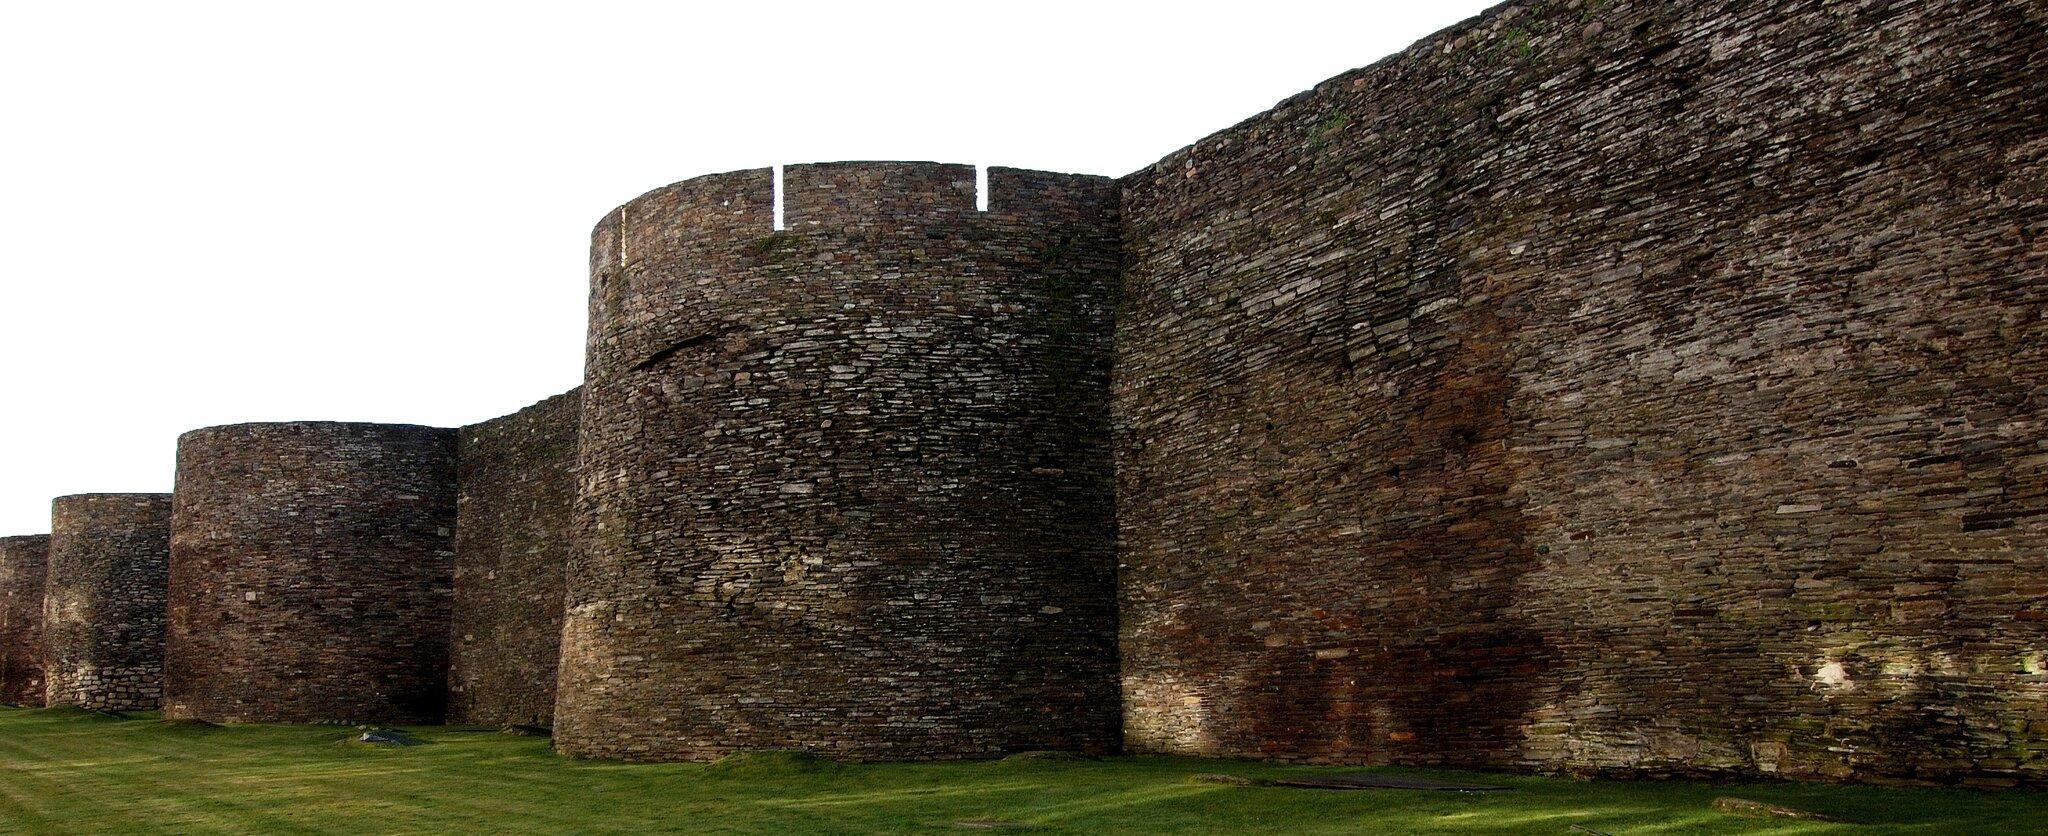 Potężne mury obronne wmieście Lugo Potężne mury obronne wmieście Lugo Źródło: Rosa Cabecinhas & Alcino Cunha (Rosino), Wikimedia Commons, licencja: CC BY-SA 2.0.